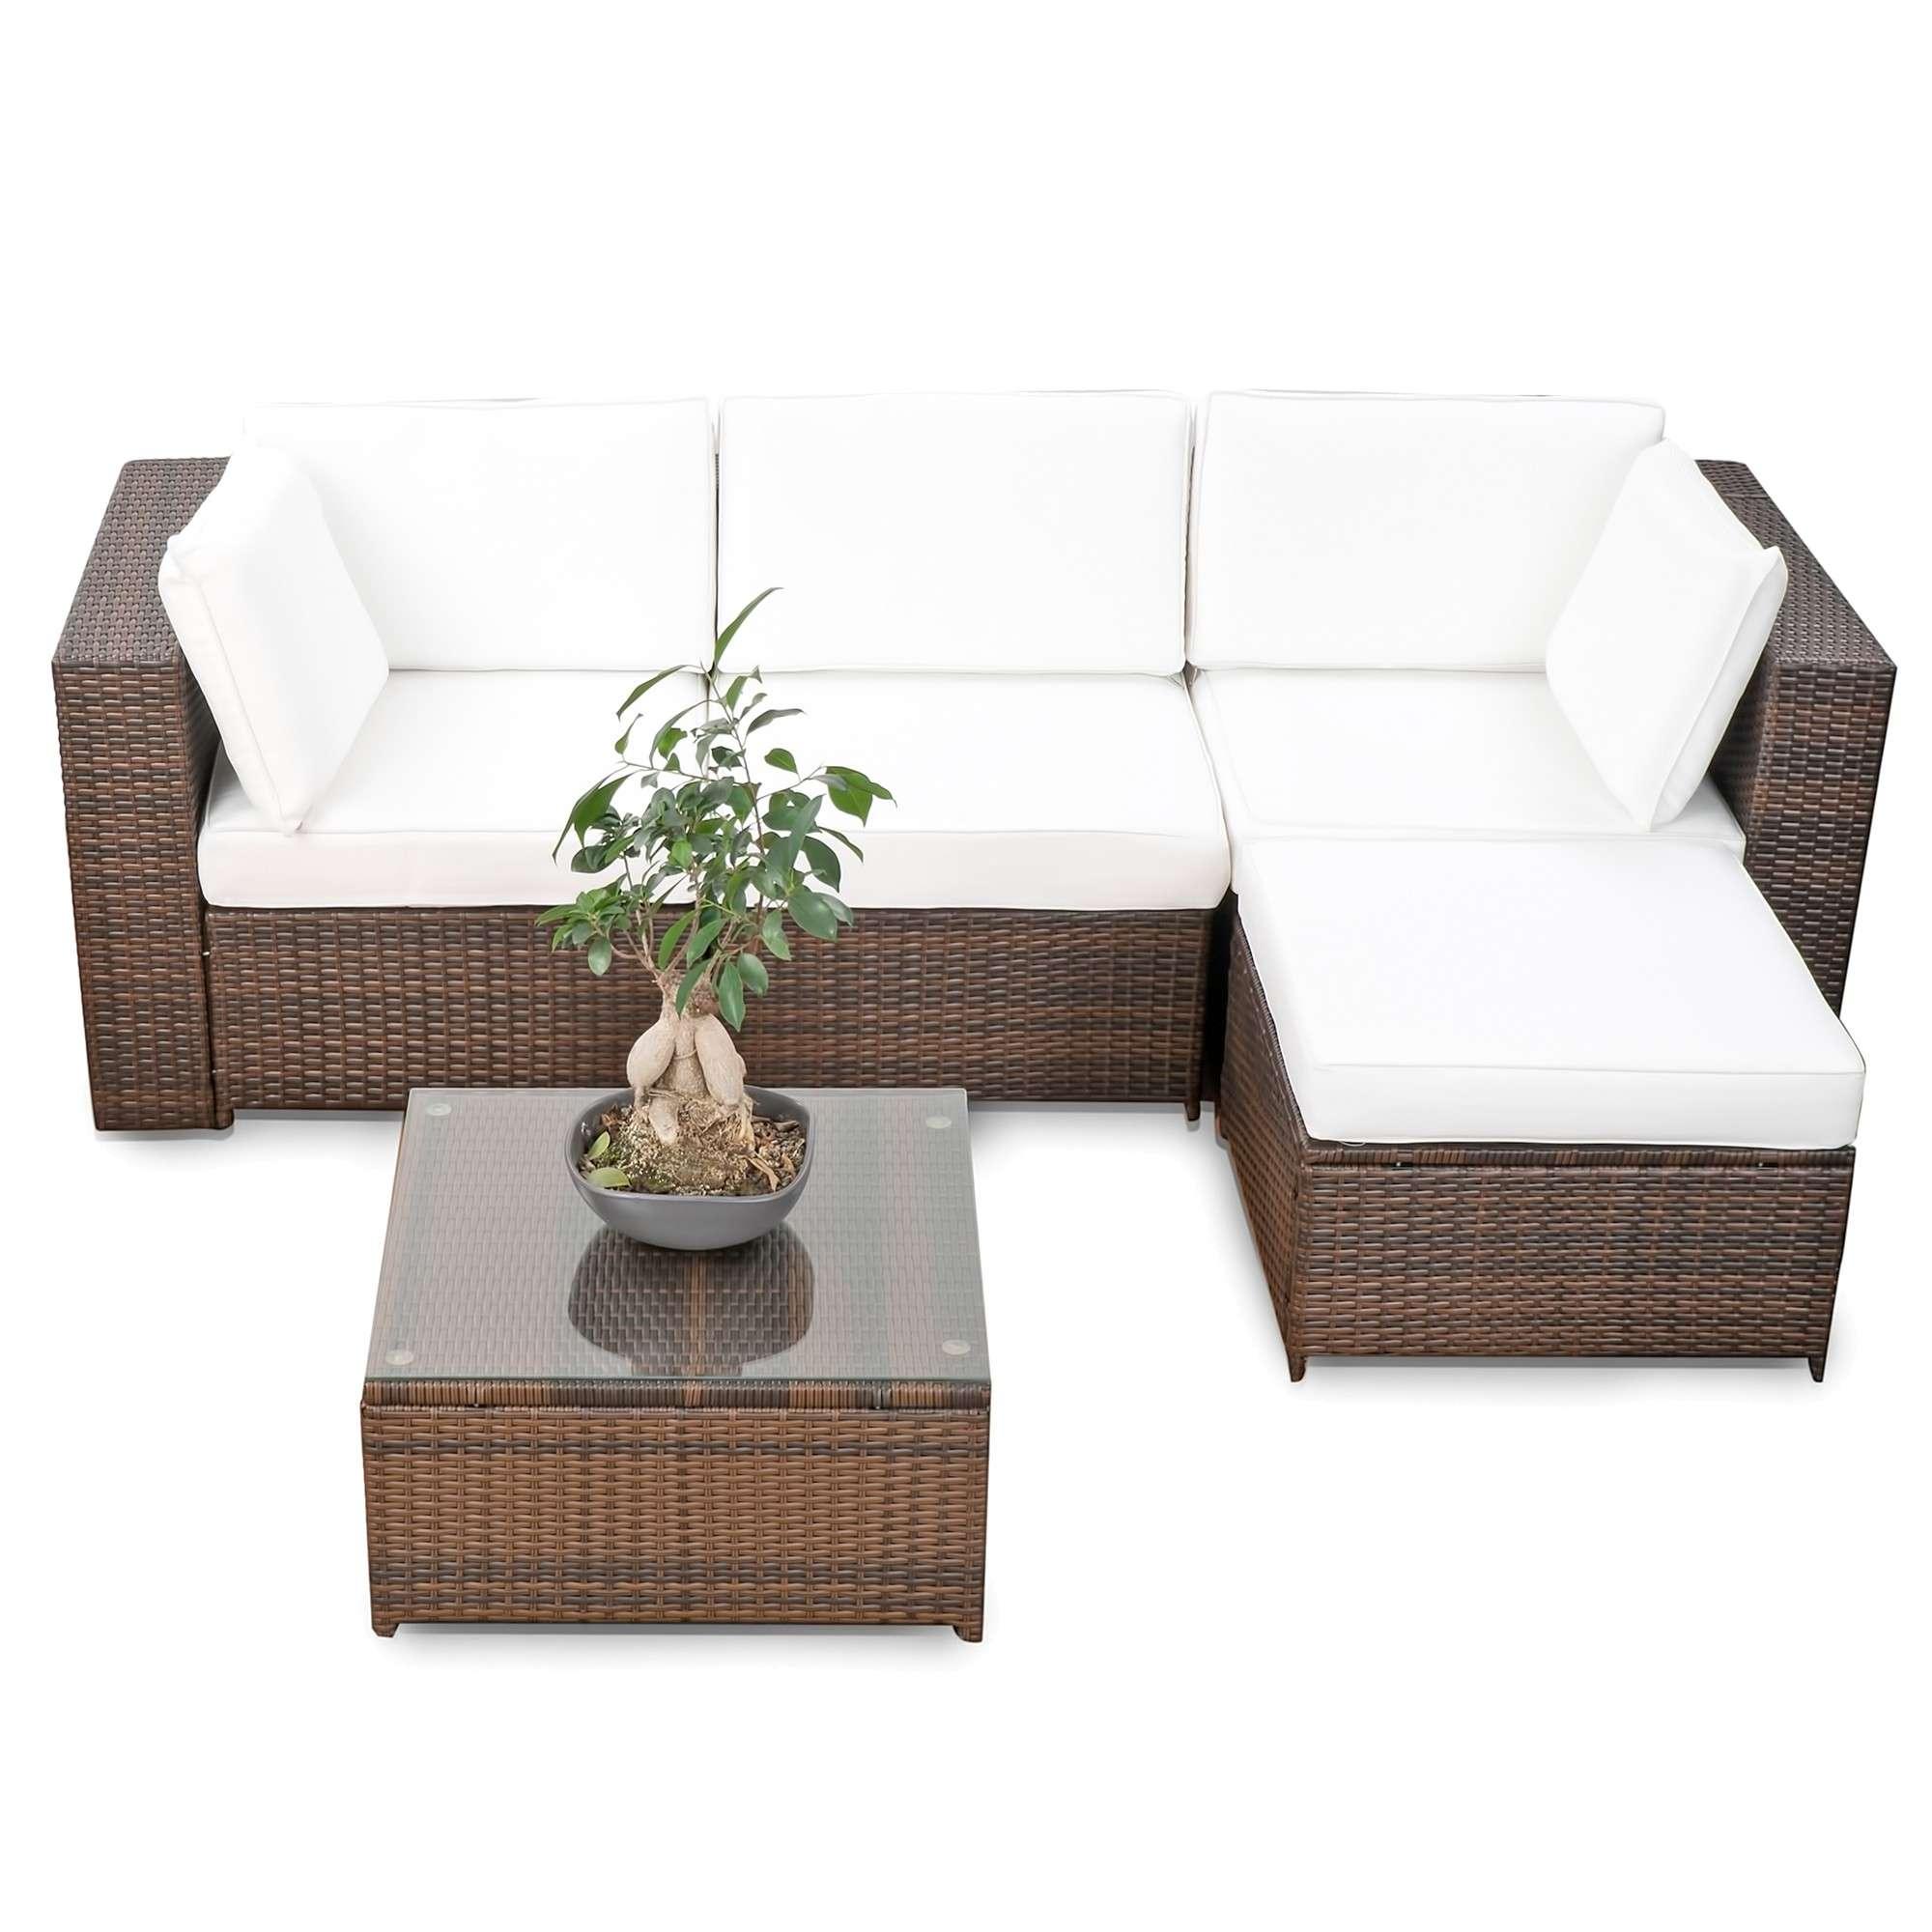 Balkon Lounge Set ▻ günstig ◅ Lounge Set Balkon kaufen